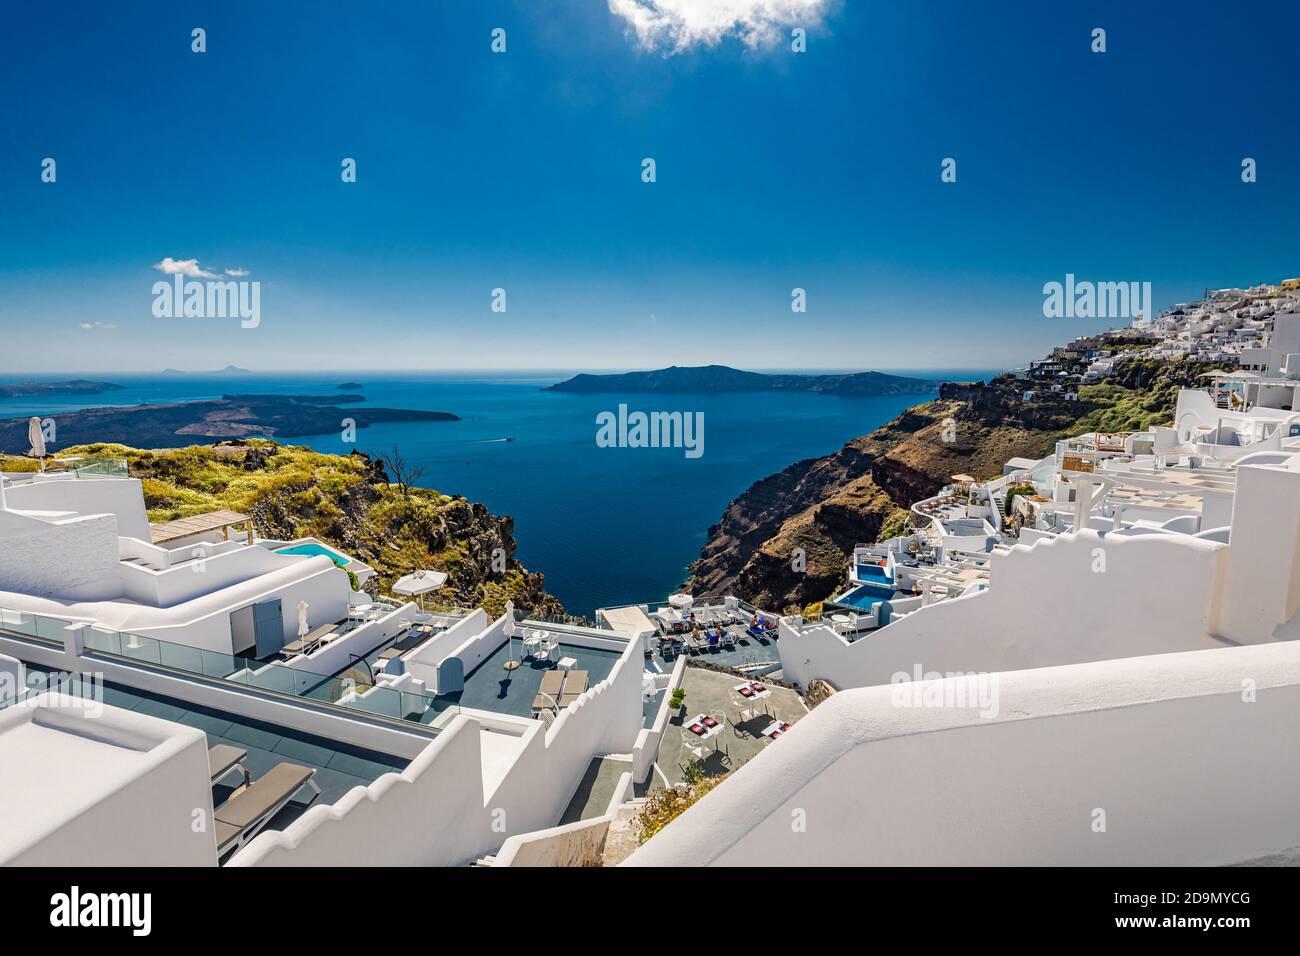 Isla de Santorini, llena de cafés y hoteles con vistas al mar Egeo y a la caldera volcánica. Viaje de verano de lujo y destino de vacaciones de blanco Foto de stock